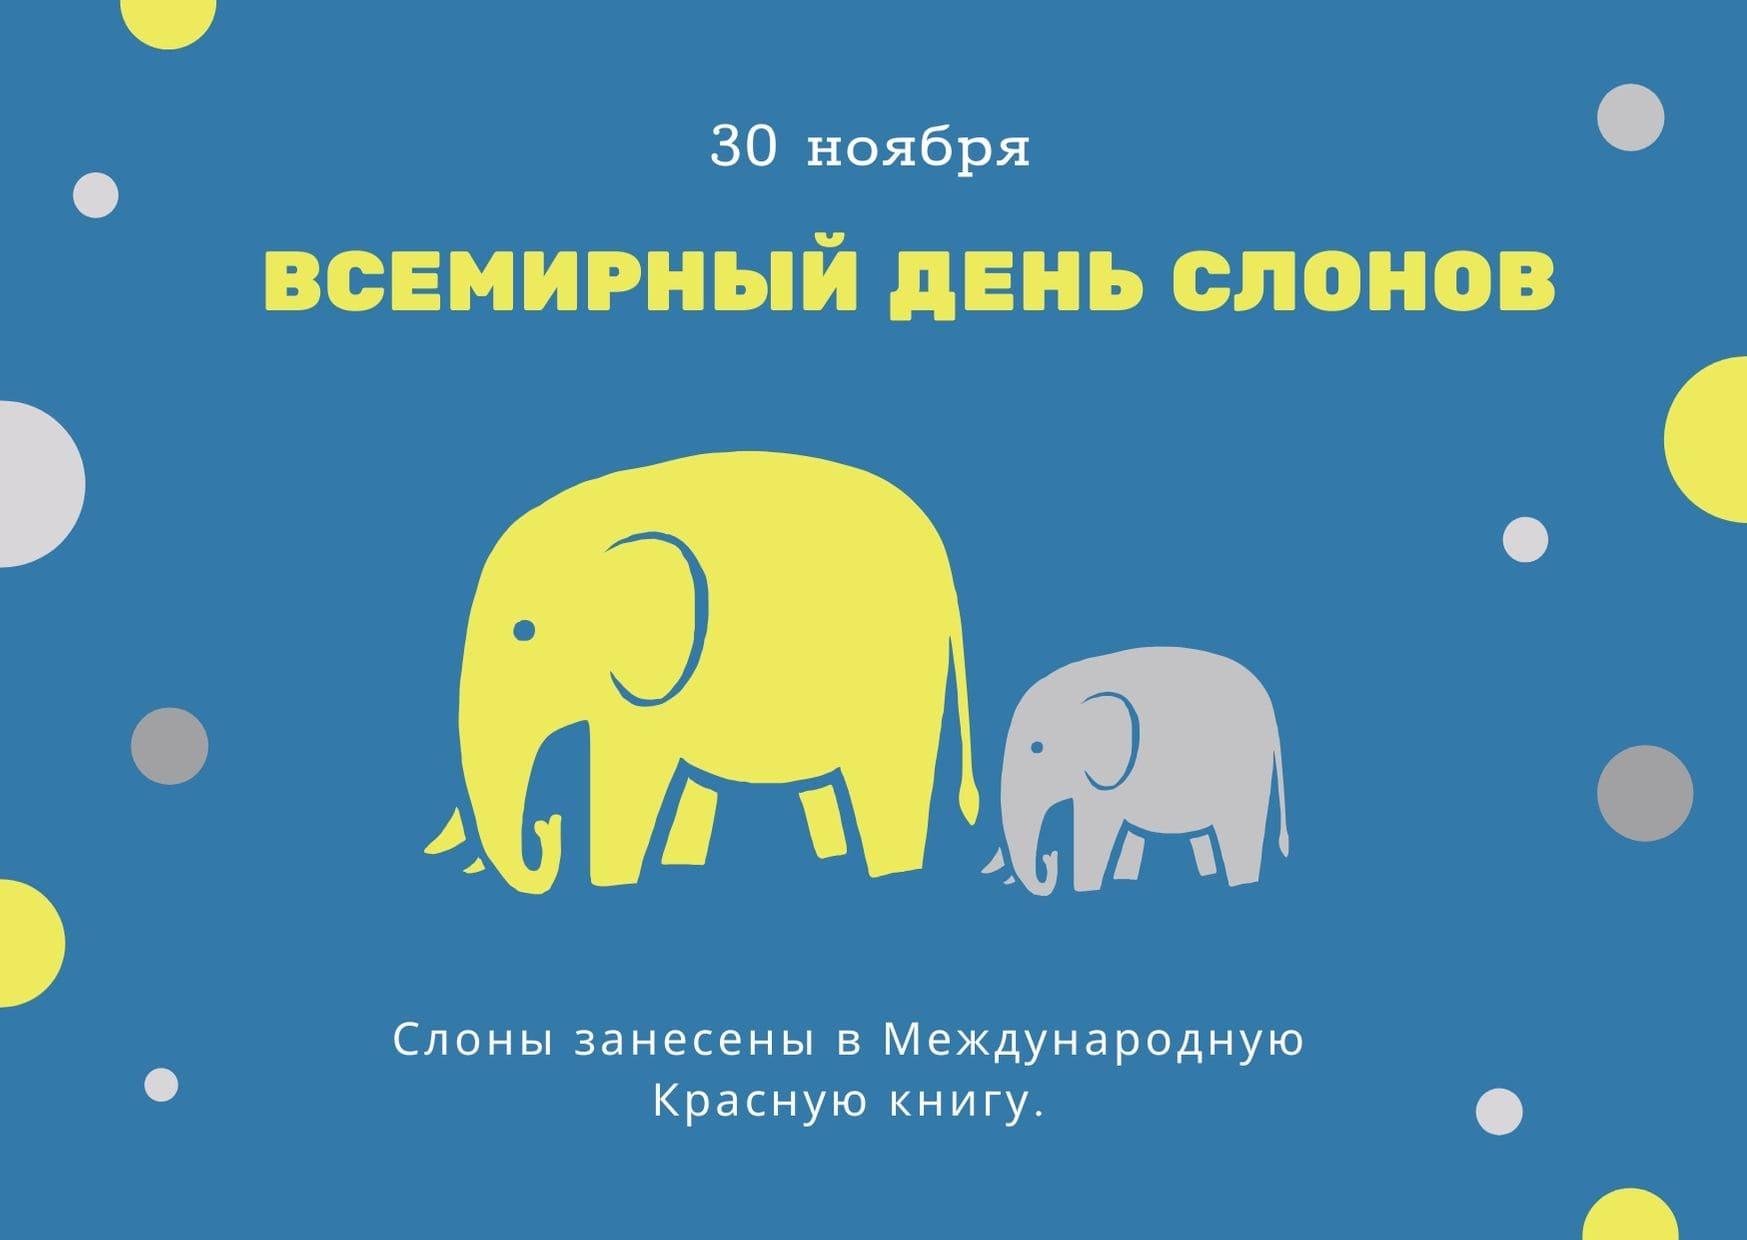 Всемирный день слонов. 30 ноября